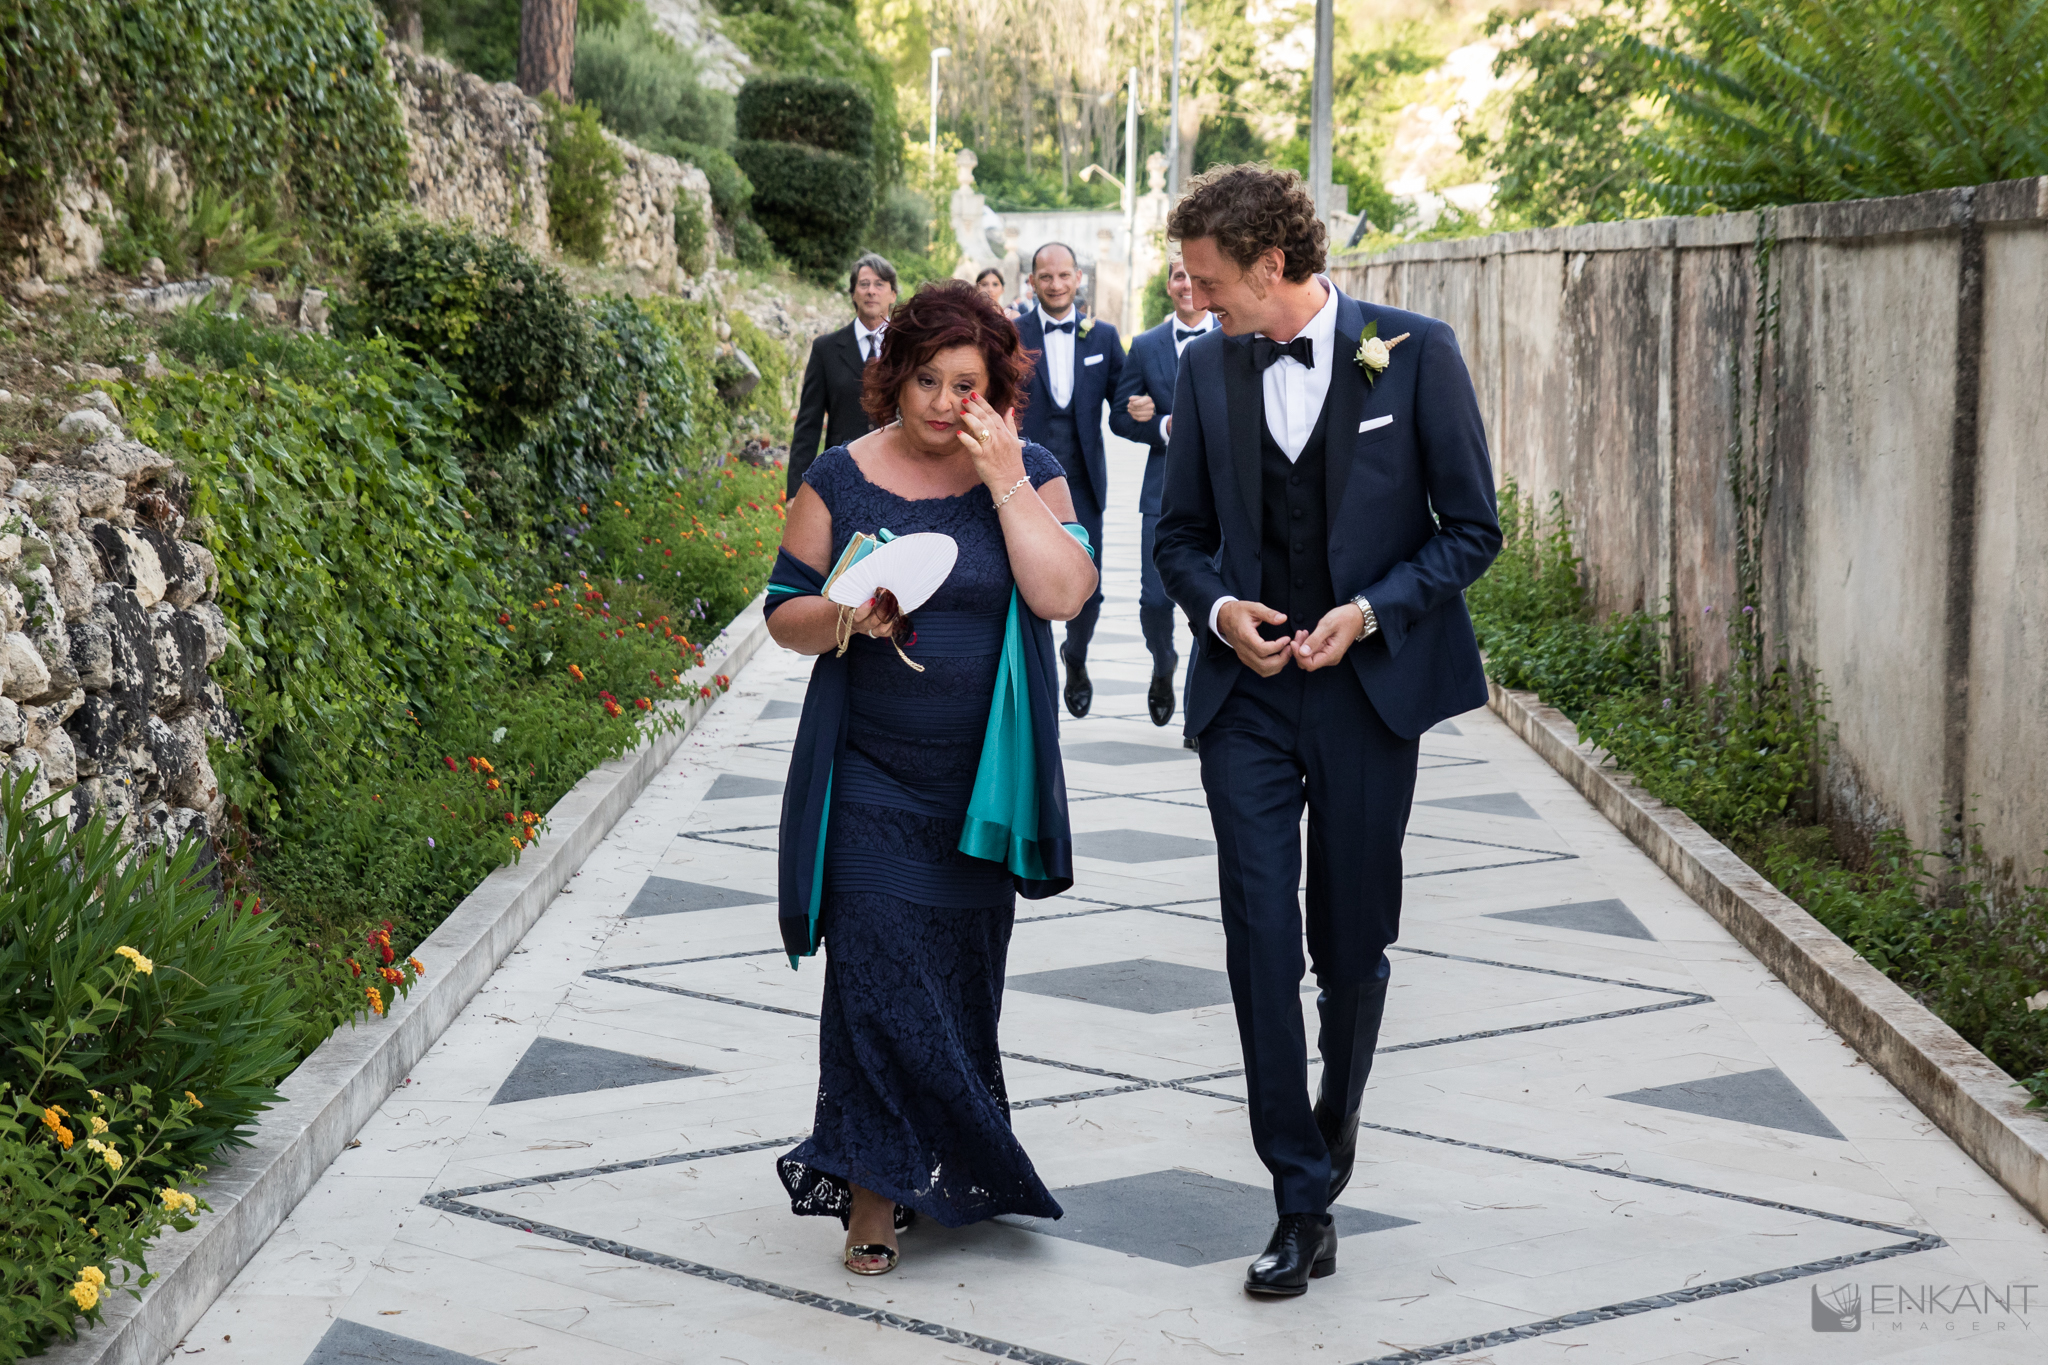 foto-matrimonio-enkant-noto-dimoradellebalze-26.jpg